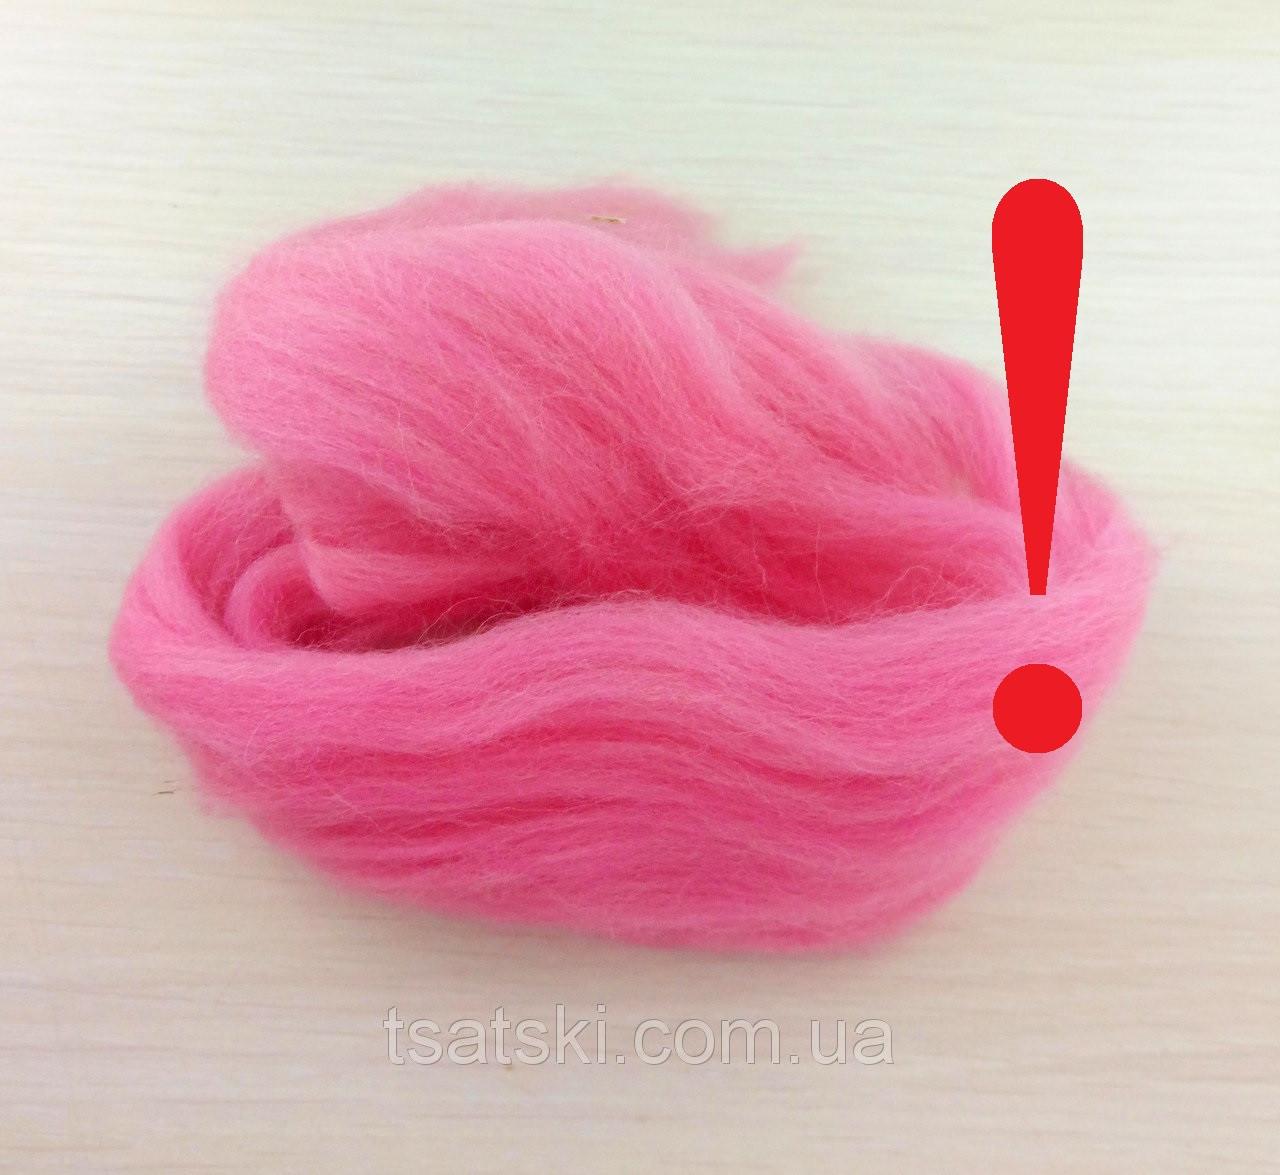 Австралийский меринос для валяния 23 микрон (10 грамм = 25 см) - розовый. Шерсть для валяния розовая. Фелтинг